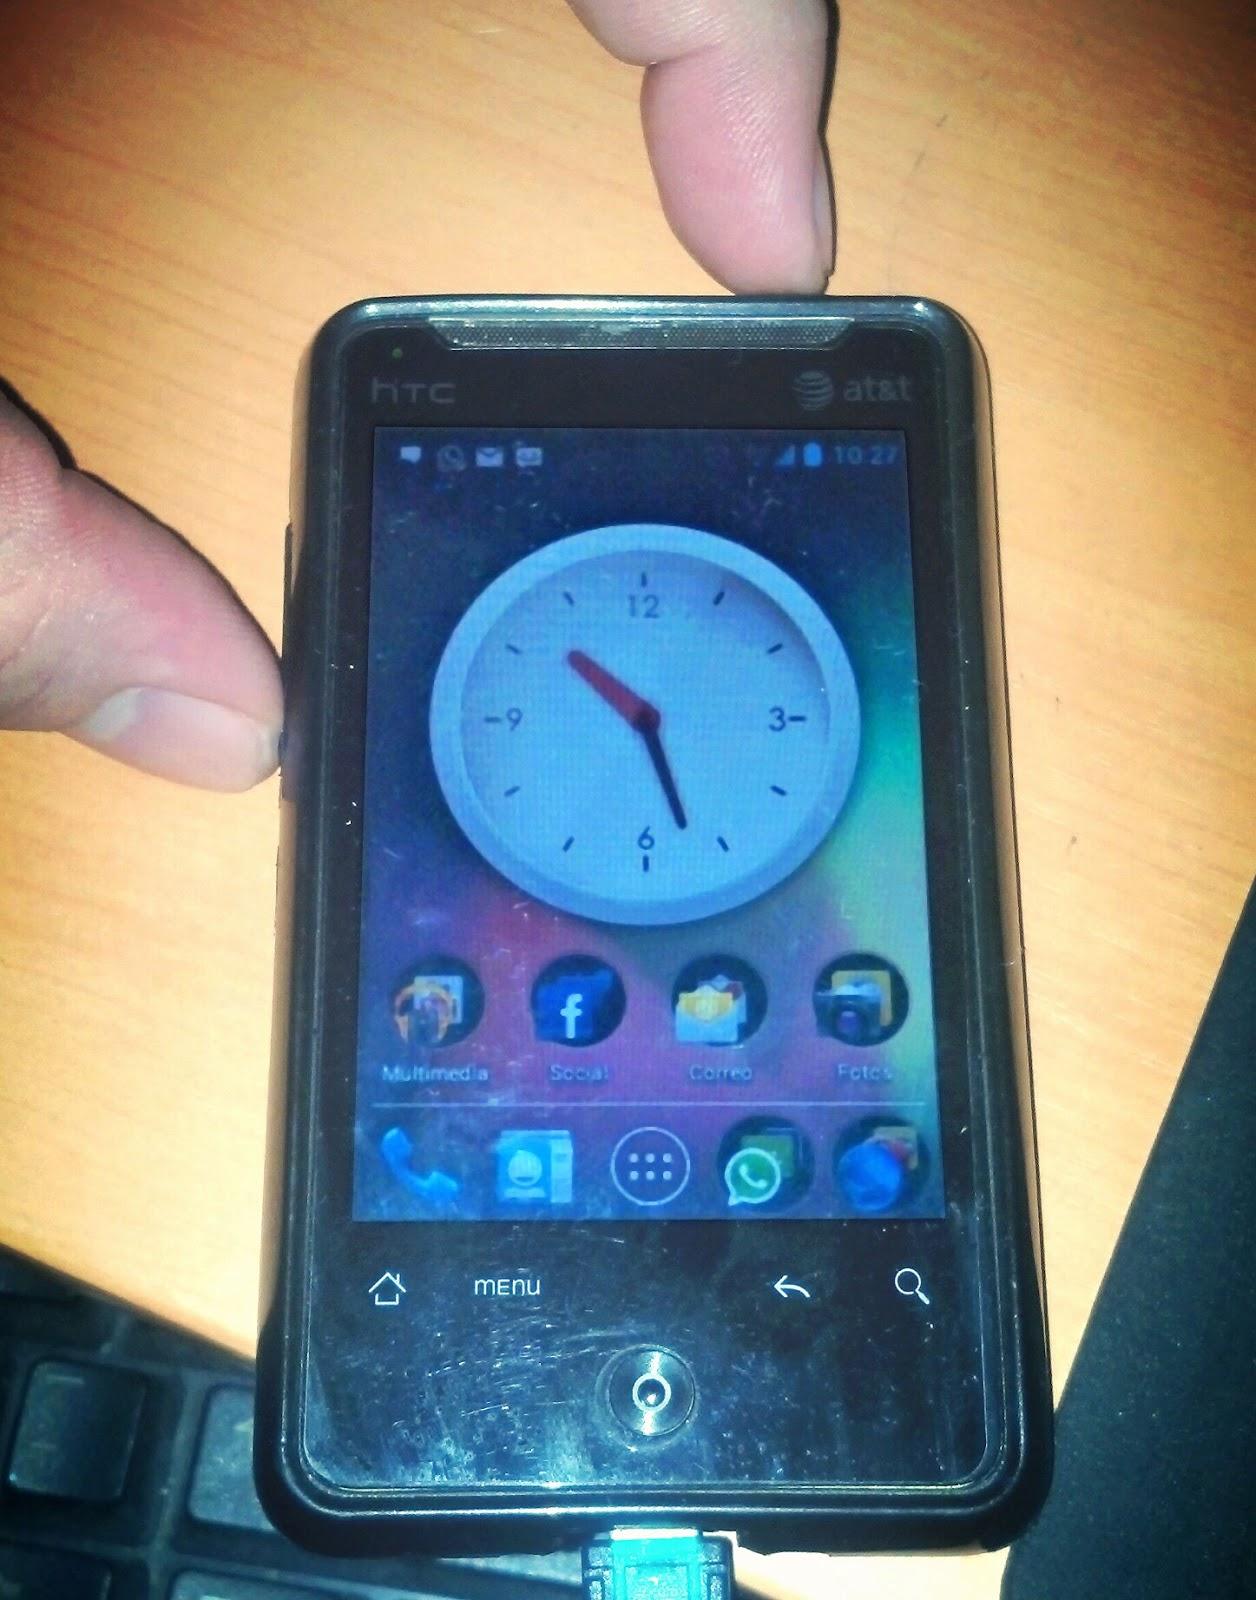 ba6e9be6ecd Capturar Pantalla En HTC, Samsung, LG, Motorola, o Cualquier Equipo Con  Android 4